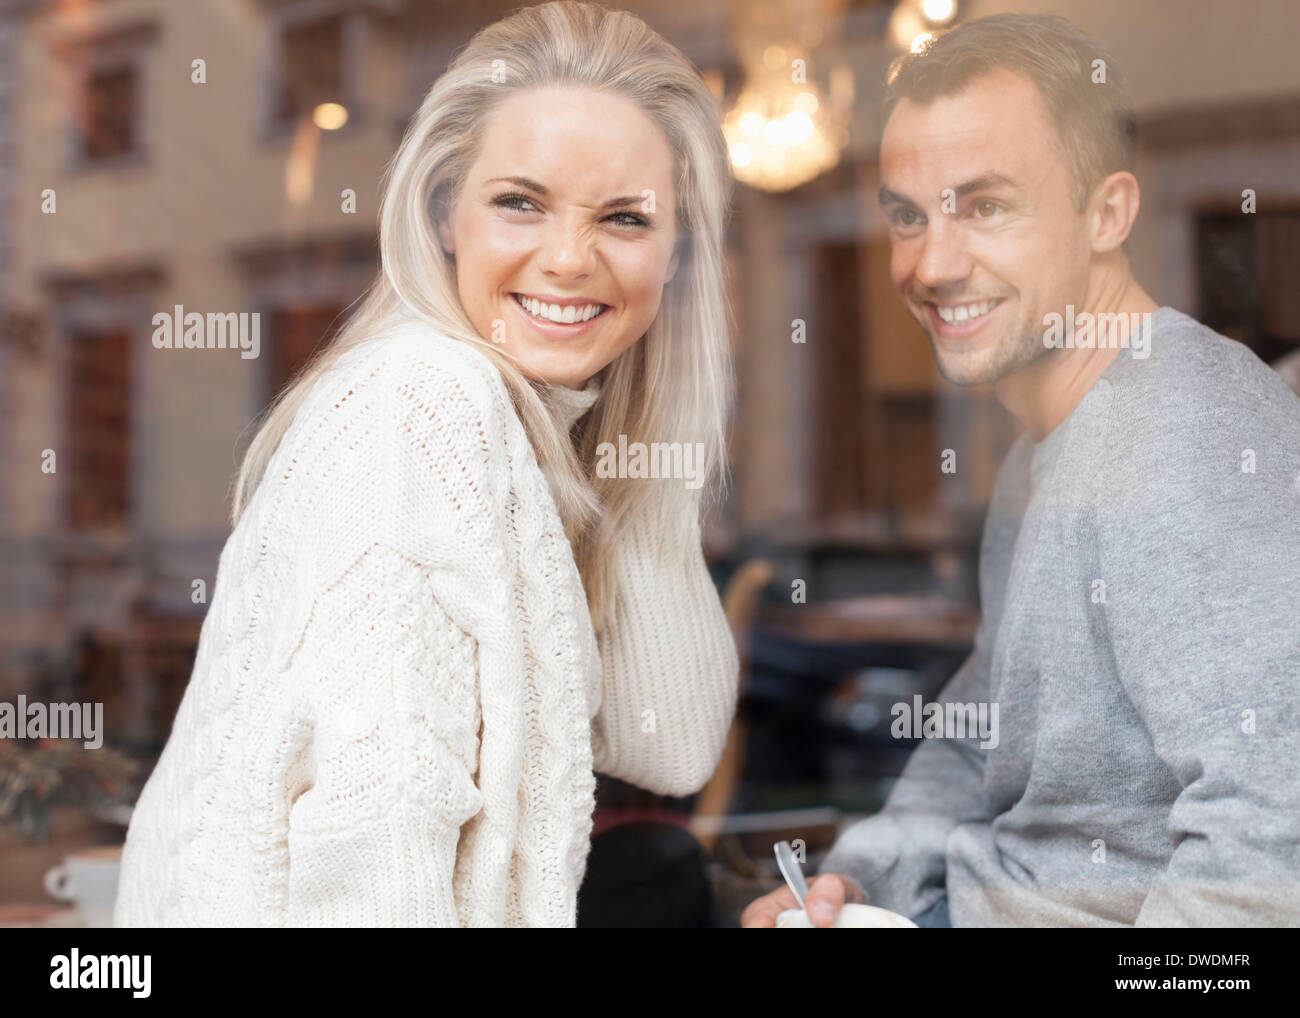 Glückliches junges Paar aus Café Fenster Stockfoto